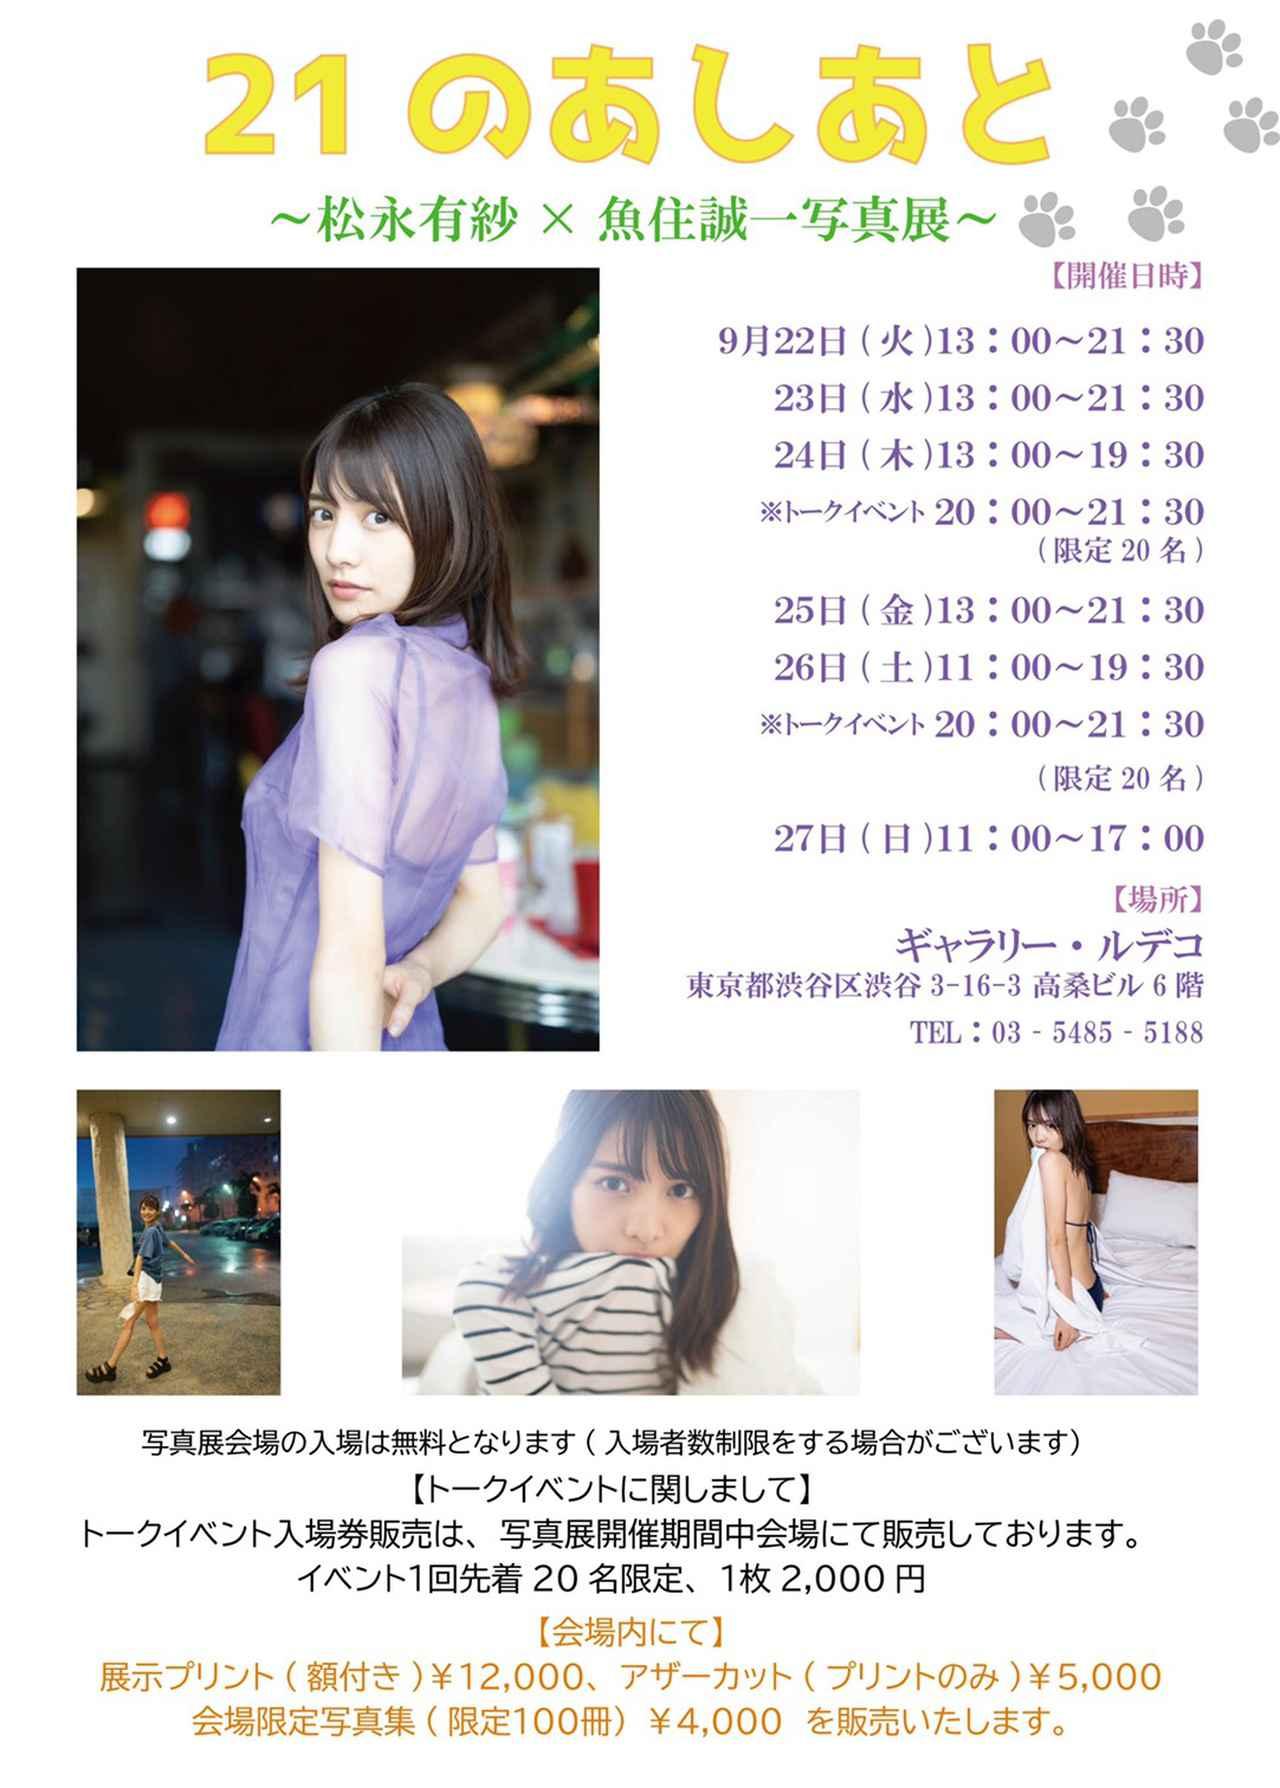 画像: 「21のあしあと」~松永有紗×魚住誠一 写真展~が、 9/22(火)~27(日)、ギャラリー・ルデコ(渋谷)で開催!